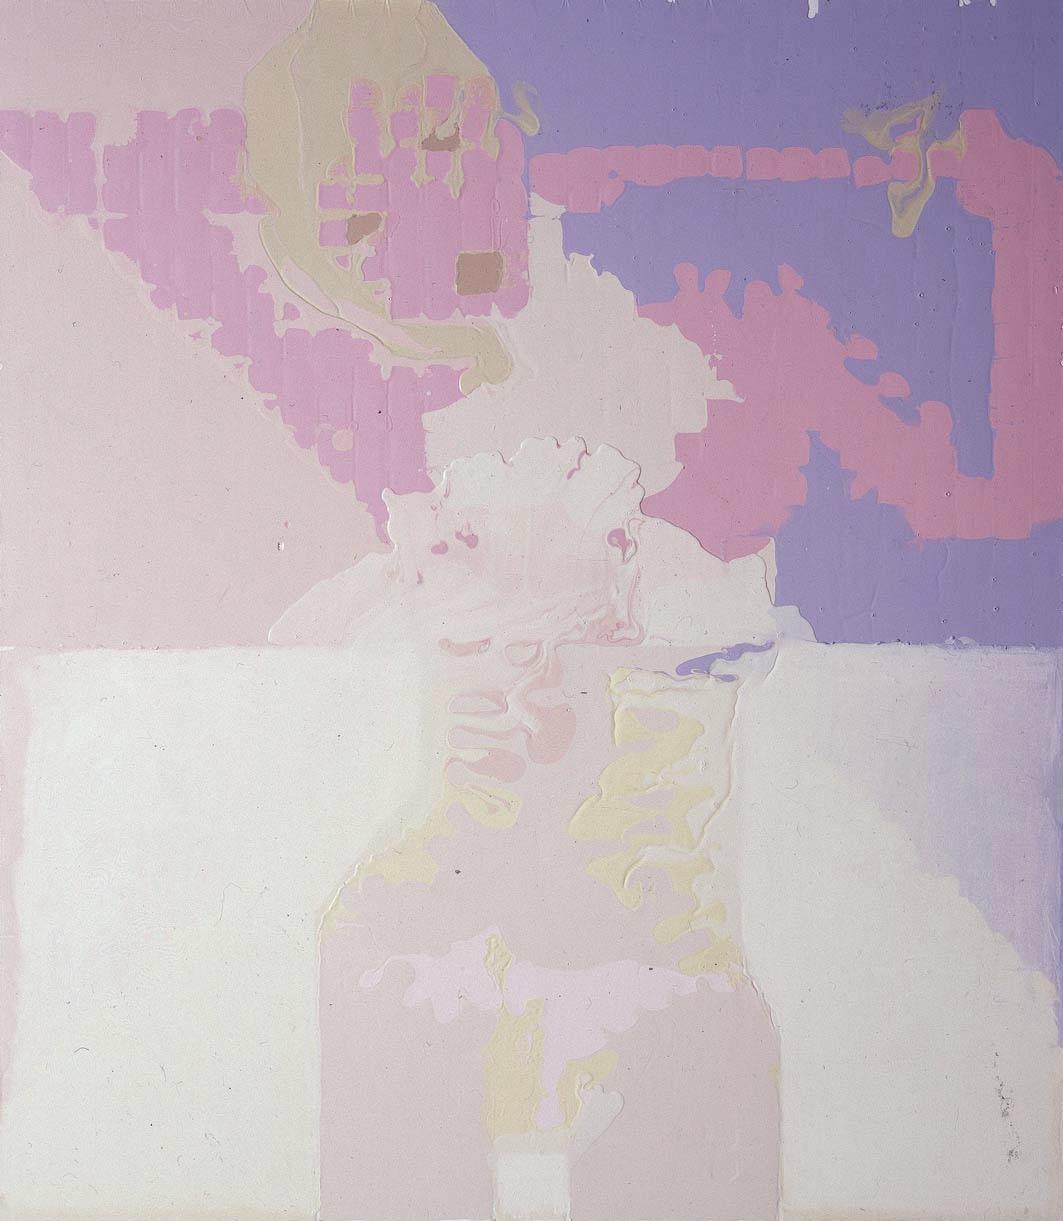 'Kate', 2005